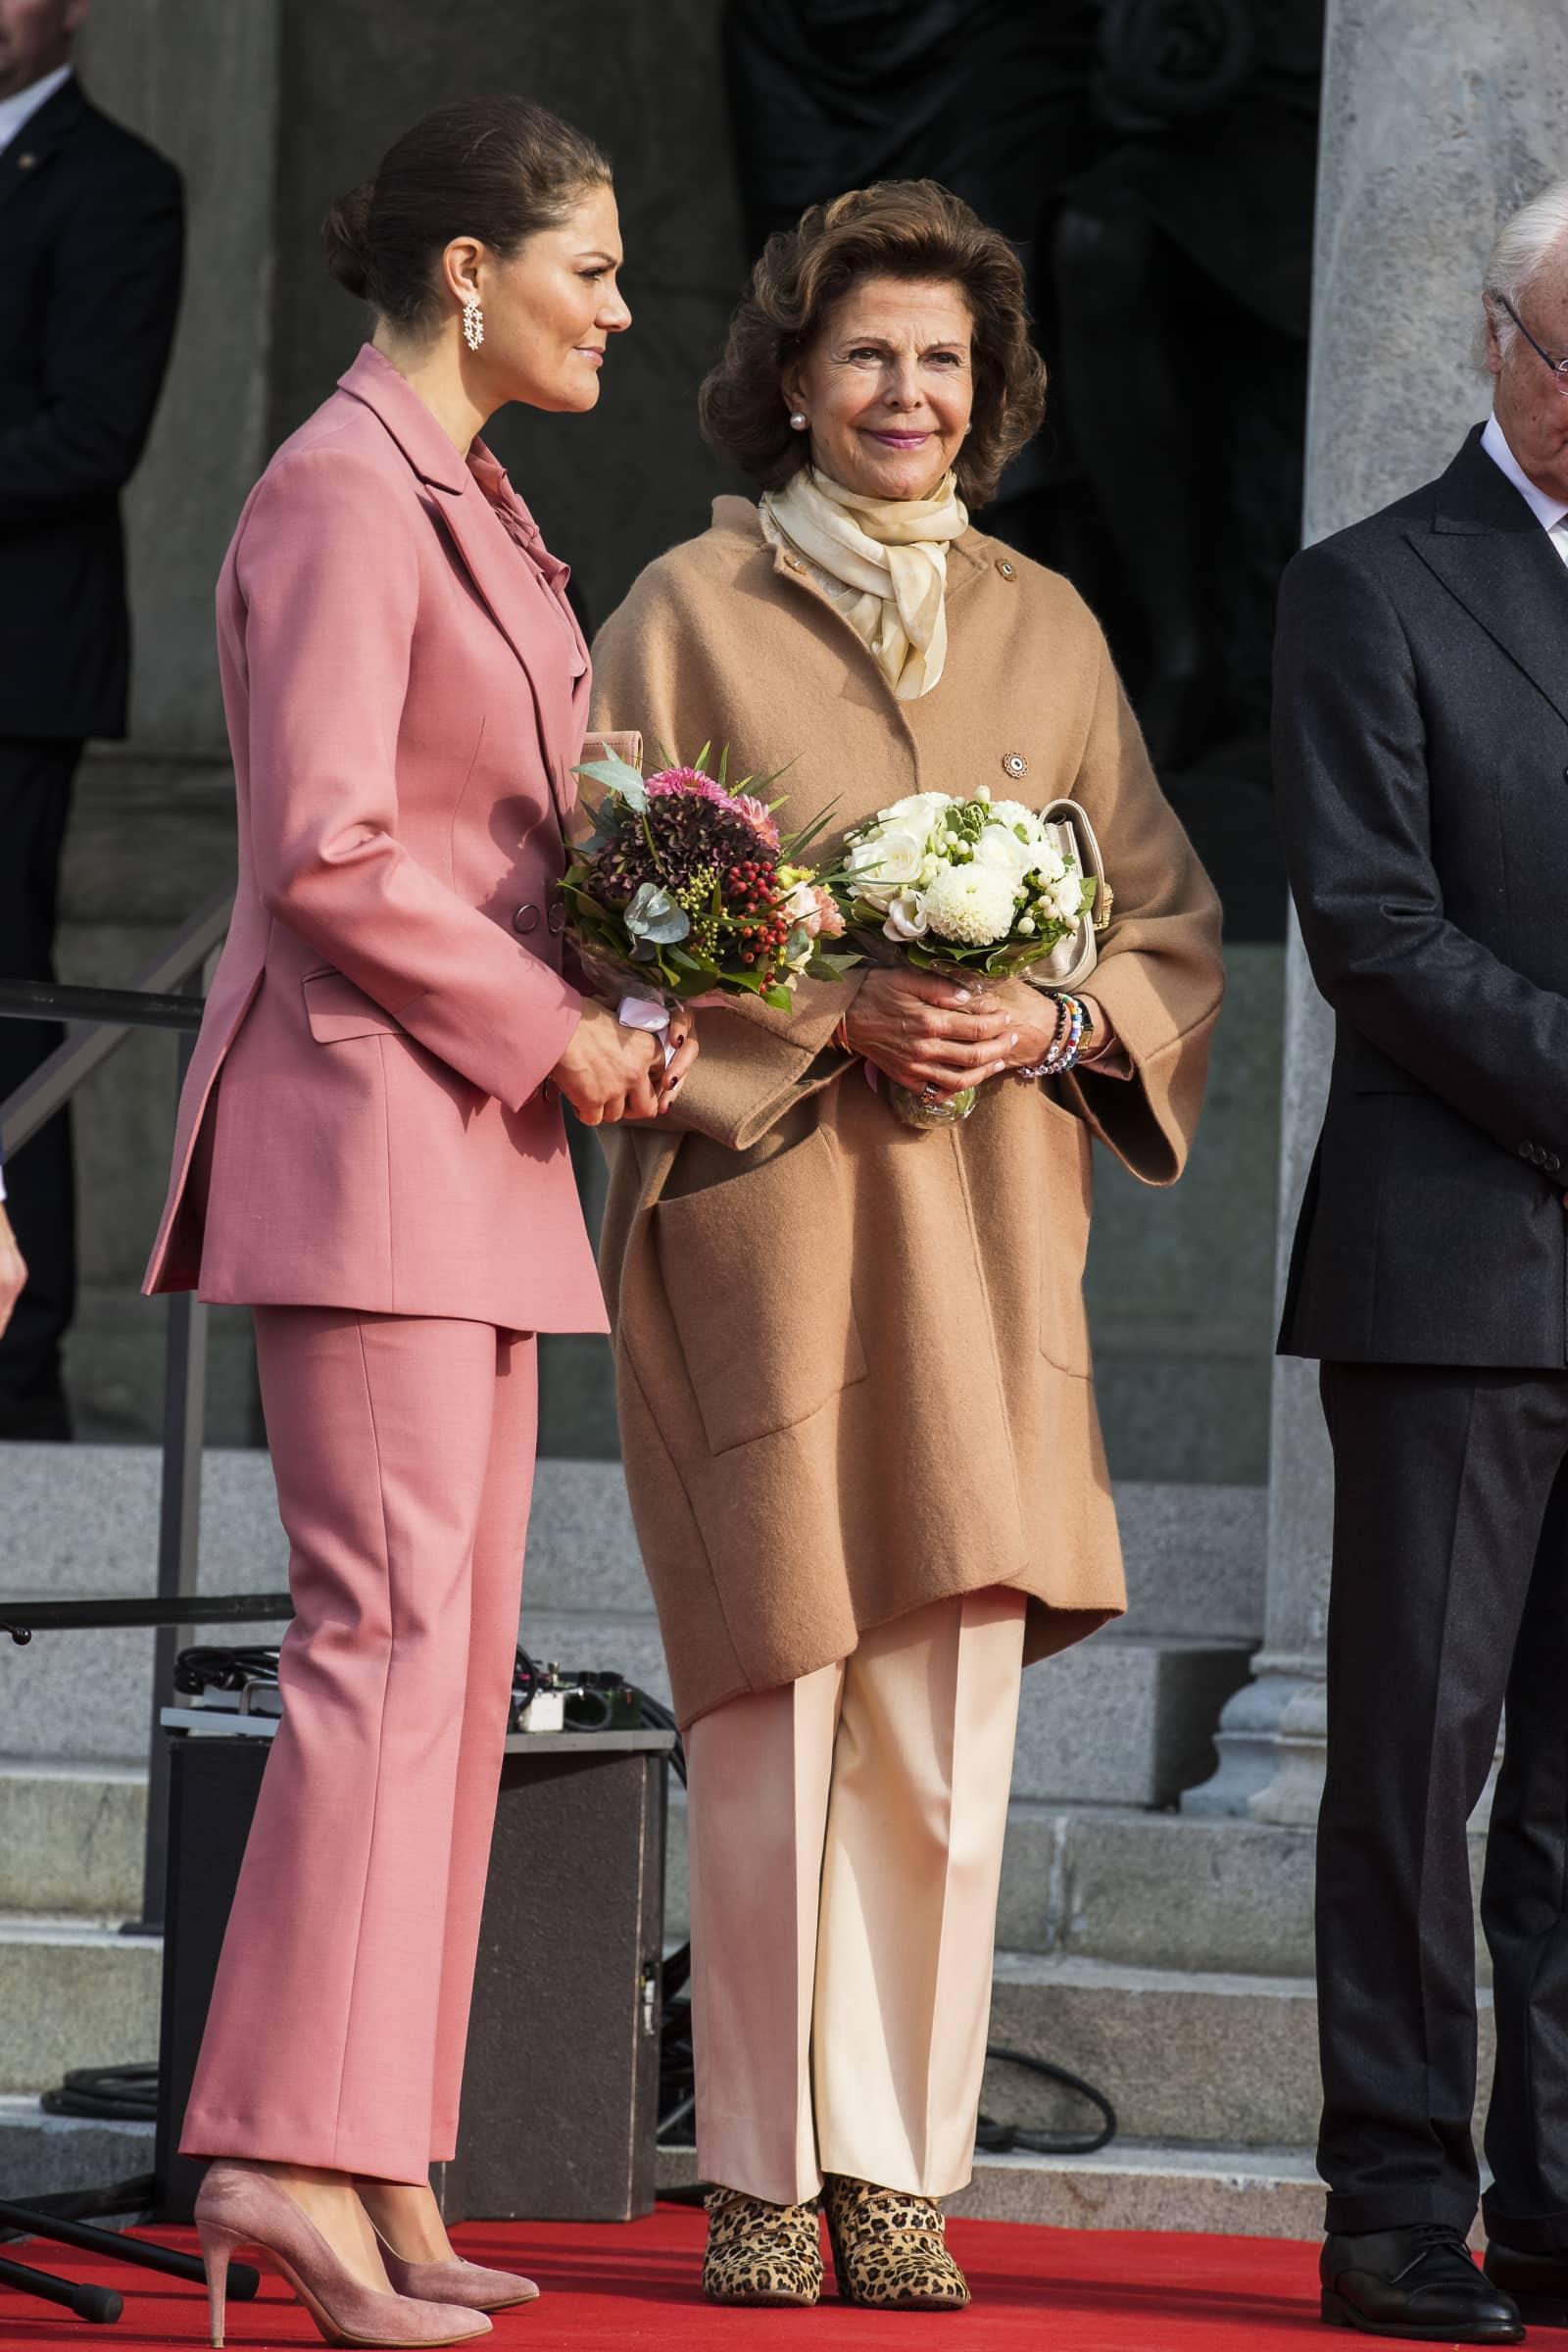 So bereitet Silvia Prinzessin Victoria auf die Aufgaben als Königin vor